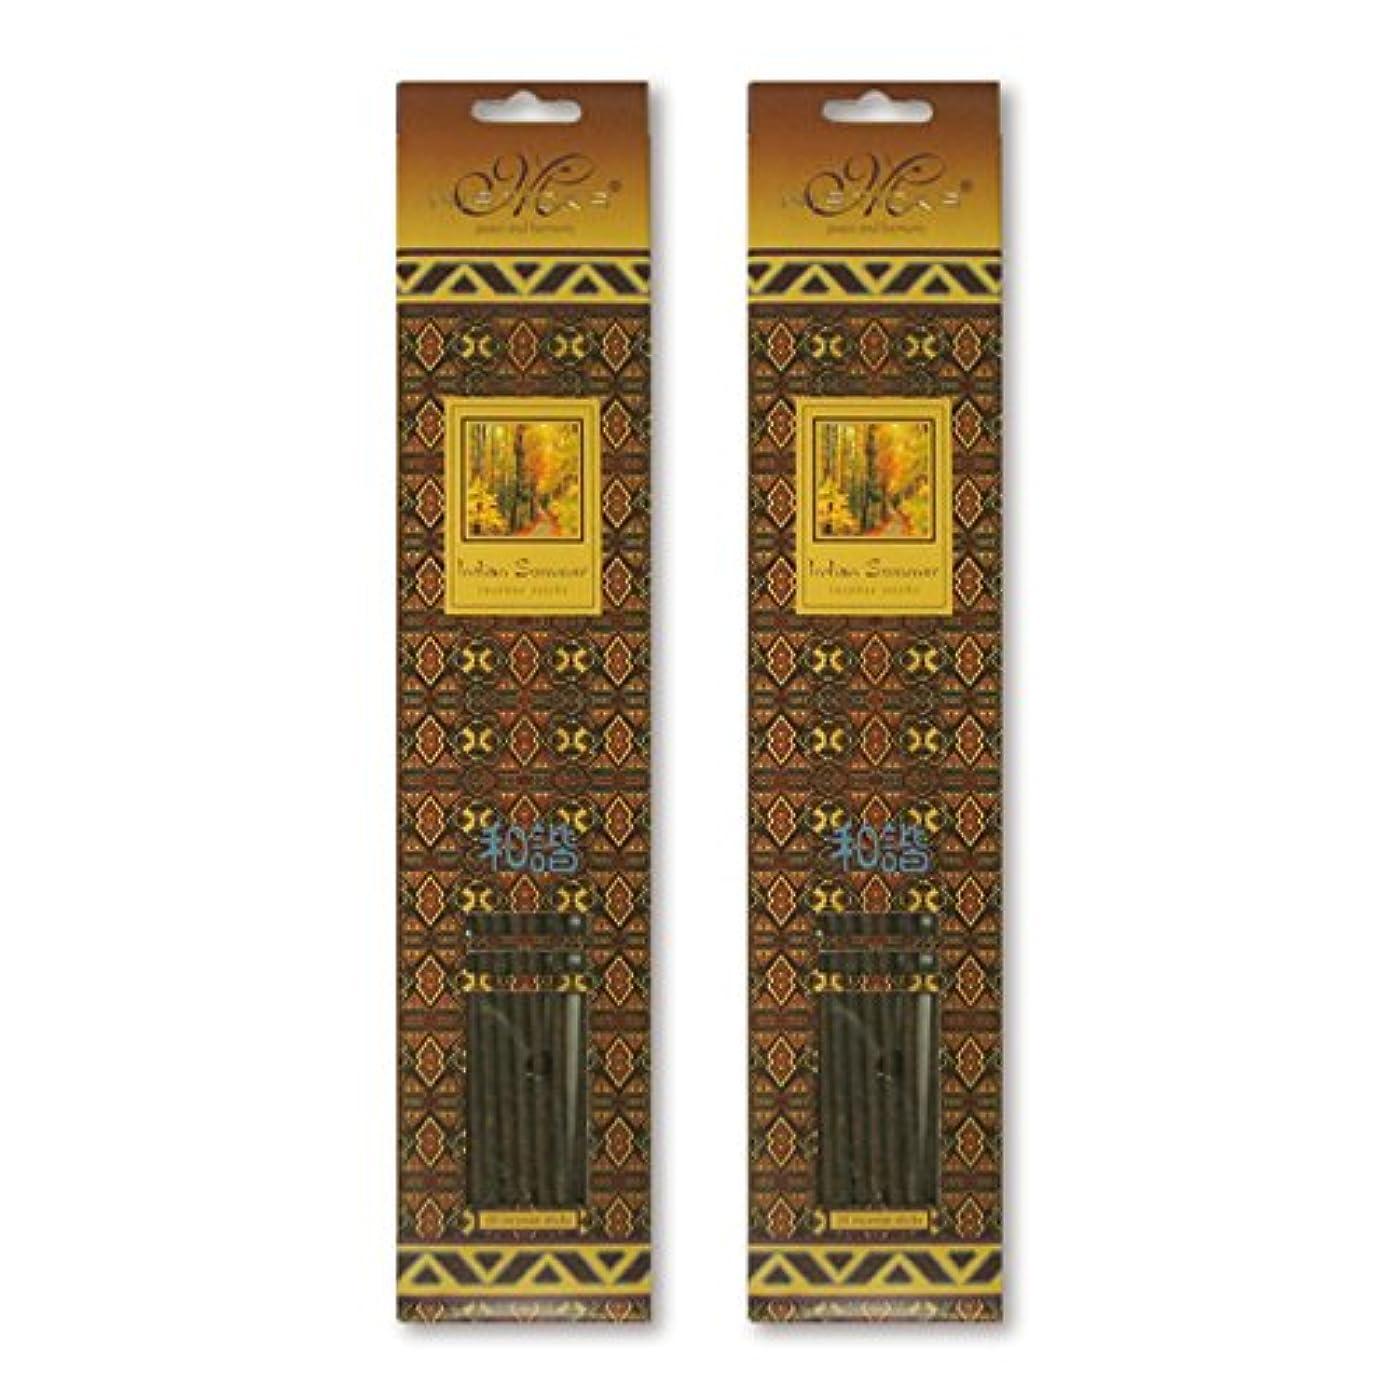 困惑するある笑いMISTICKS ミスティックス Indian Summer インディアンサマー お香 20本 X 2パック (40本)